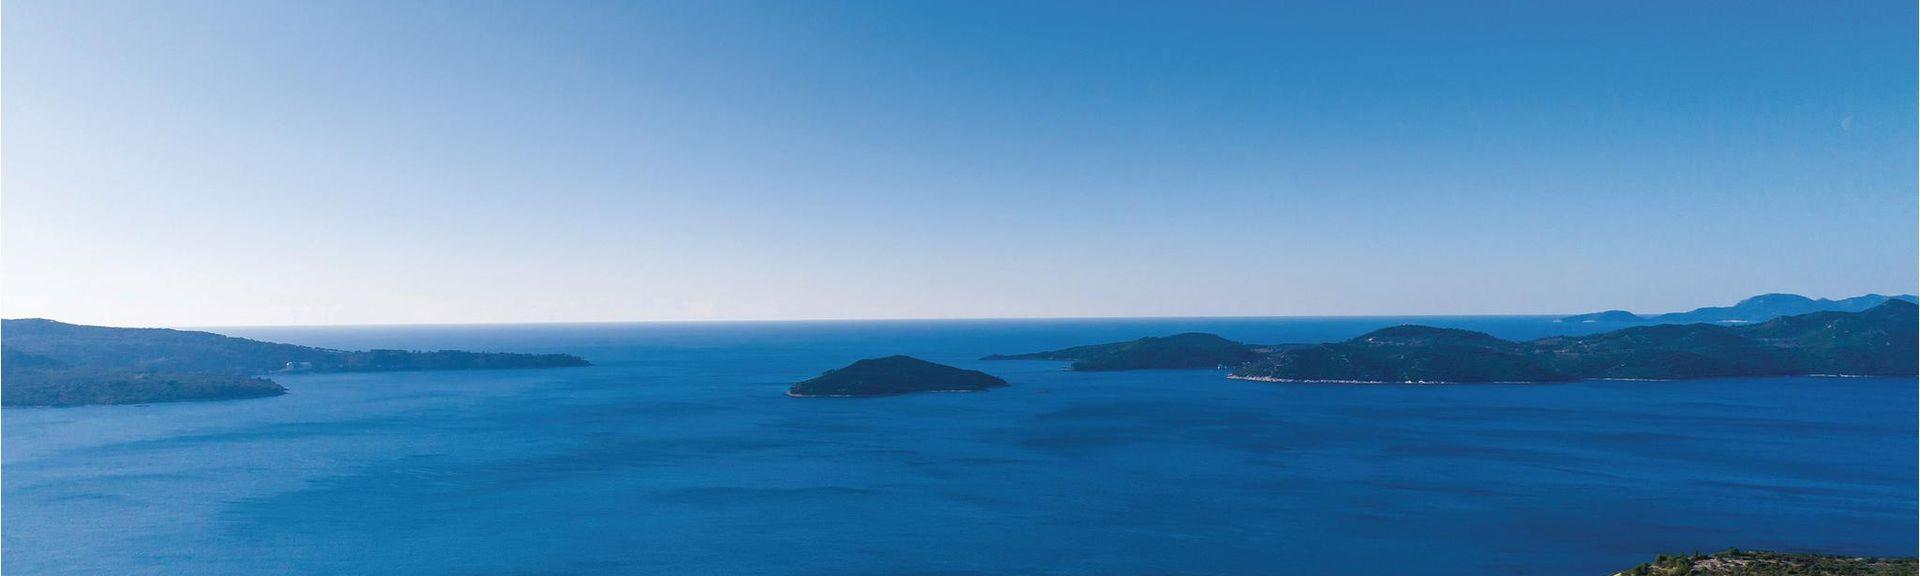 Zaton, Comitat de Dubrovnik-Neretva, Croatie